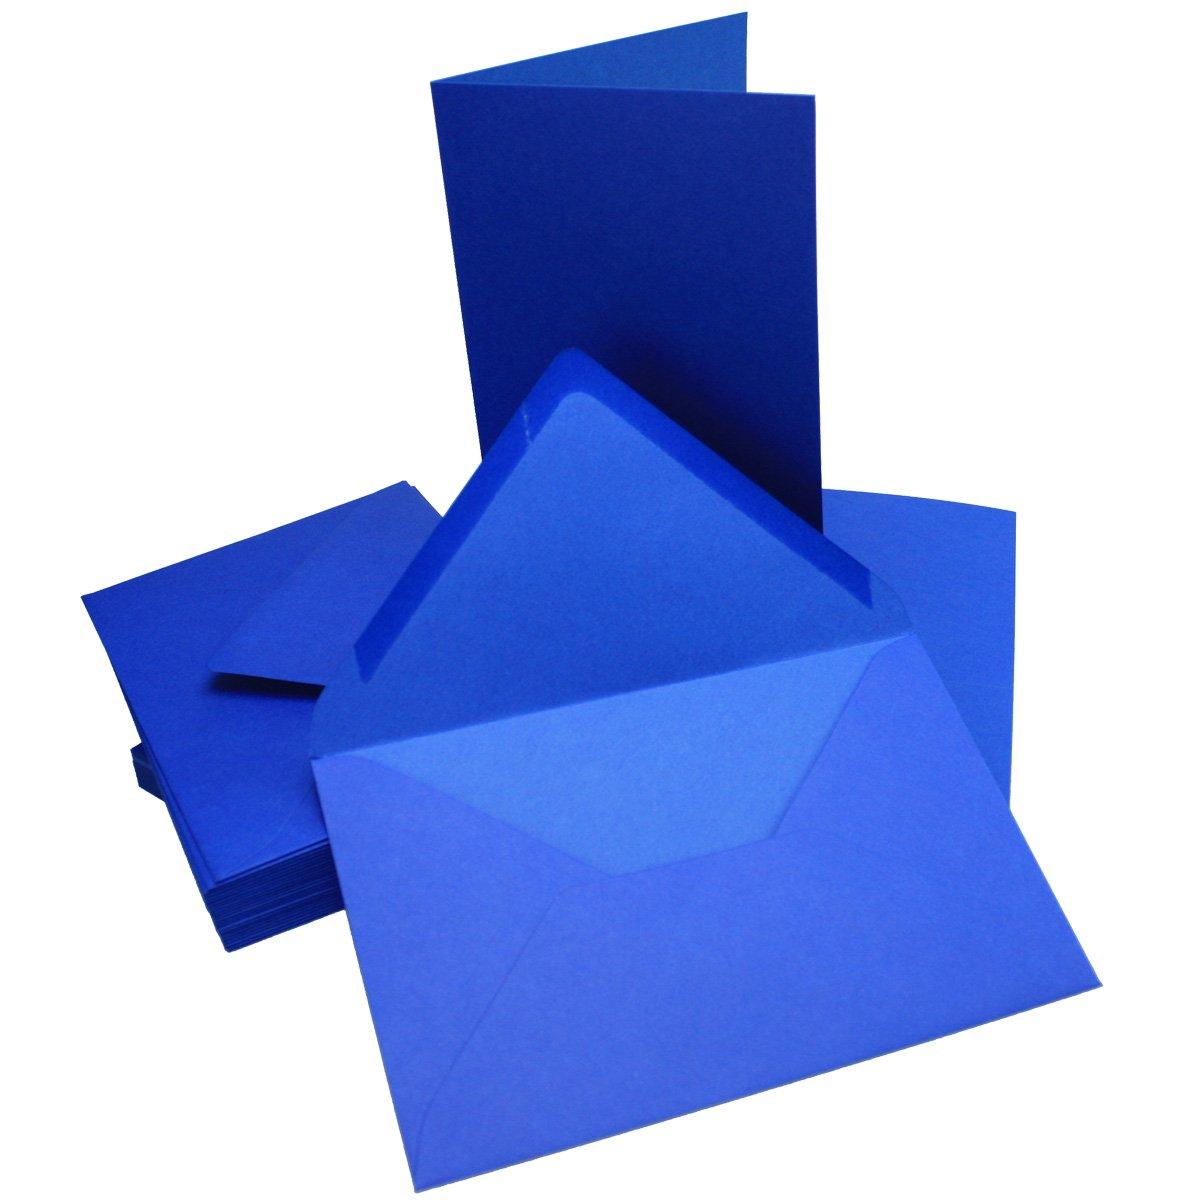 75 Sets - Faltkarten Hellgrau - Din A5  Umschläge Umschläge Umschläge Din C5 - Premium Qualität - Sehr formstabil - Qualitätsmarke  NEUSER FarbenFroh B07BSCXJ8V | In hohem Grade geschätzt und weit vertrautes herein und heraus  b70ece